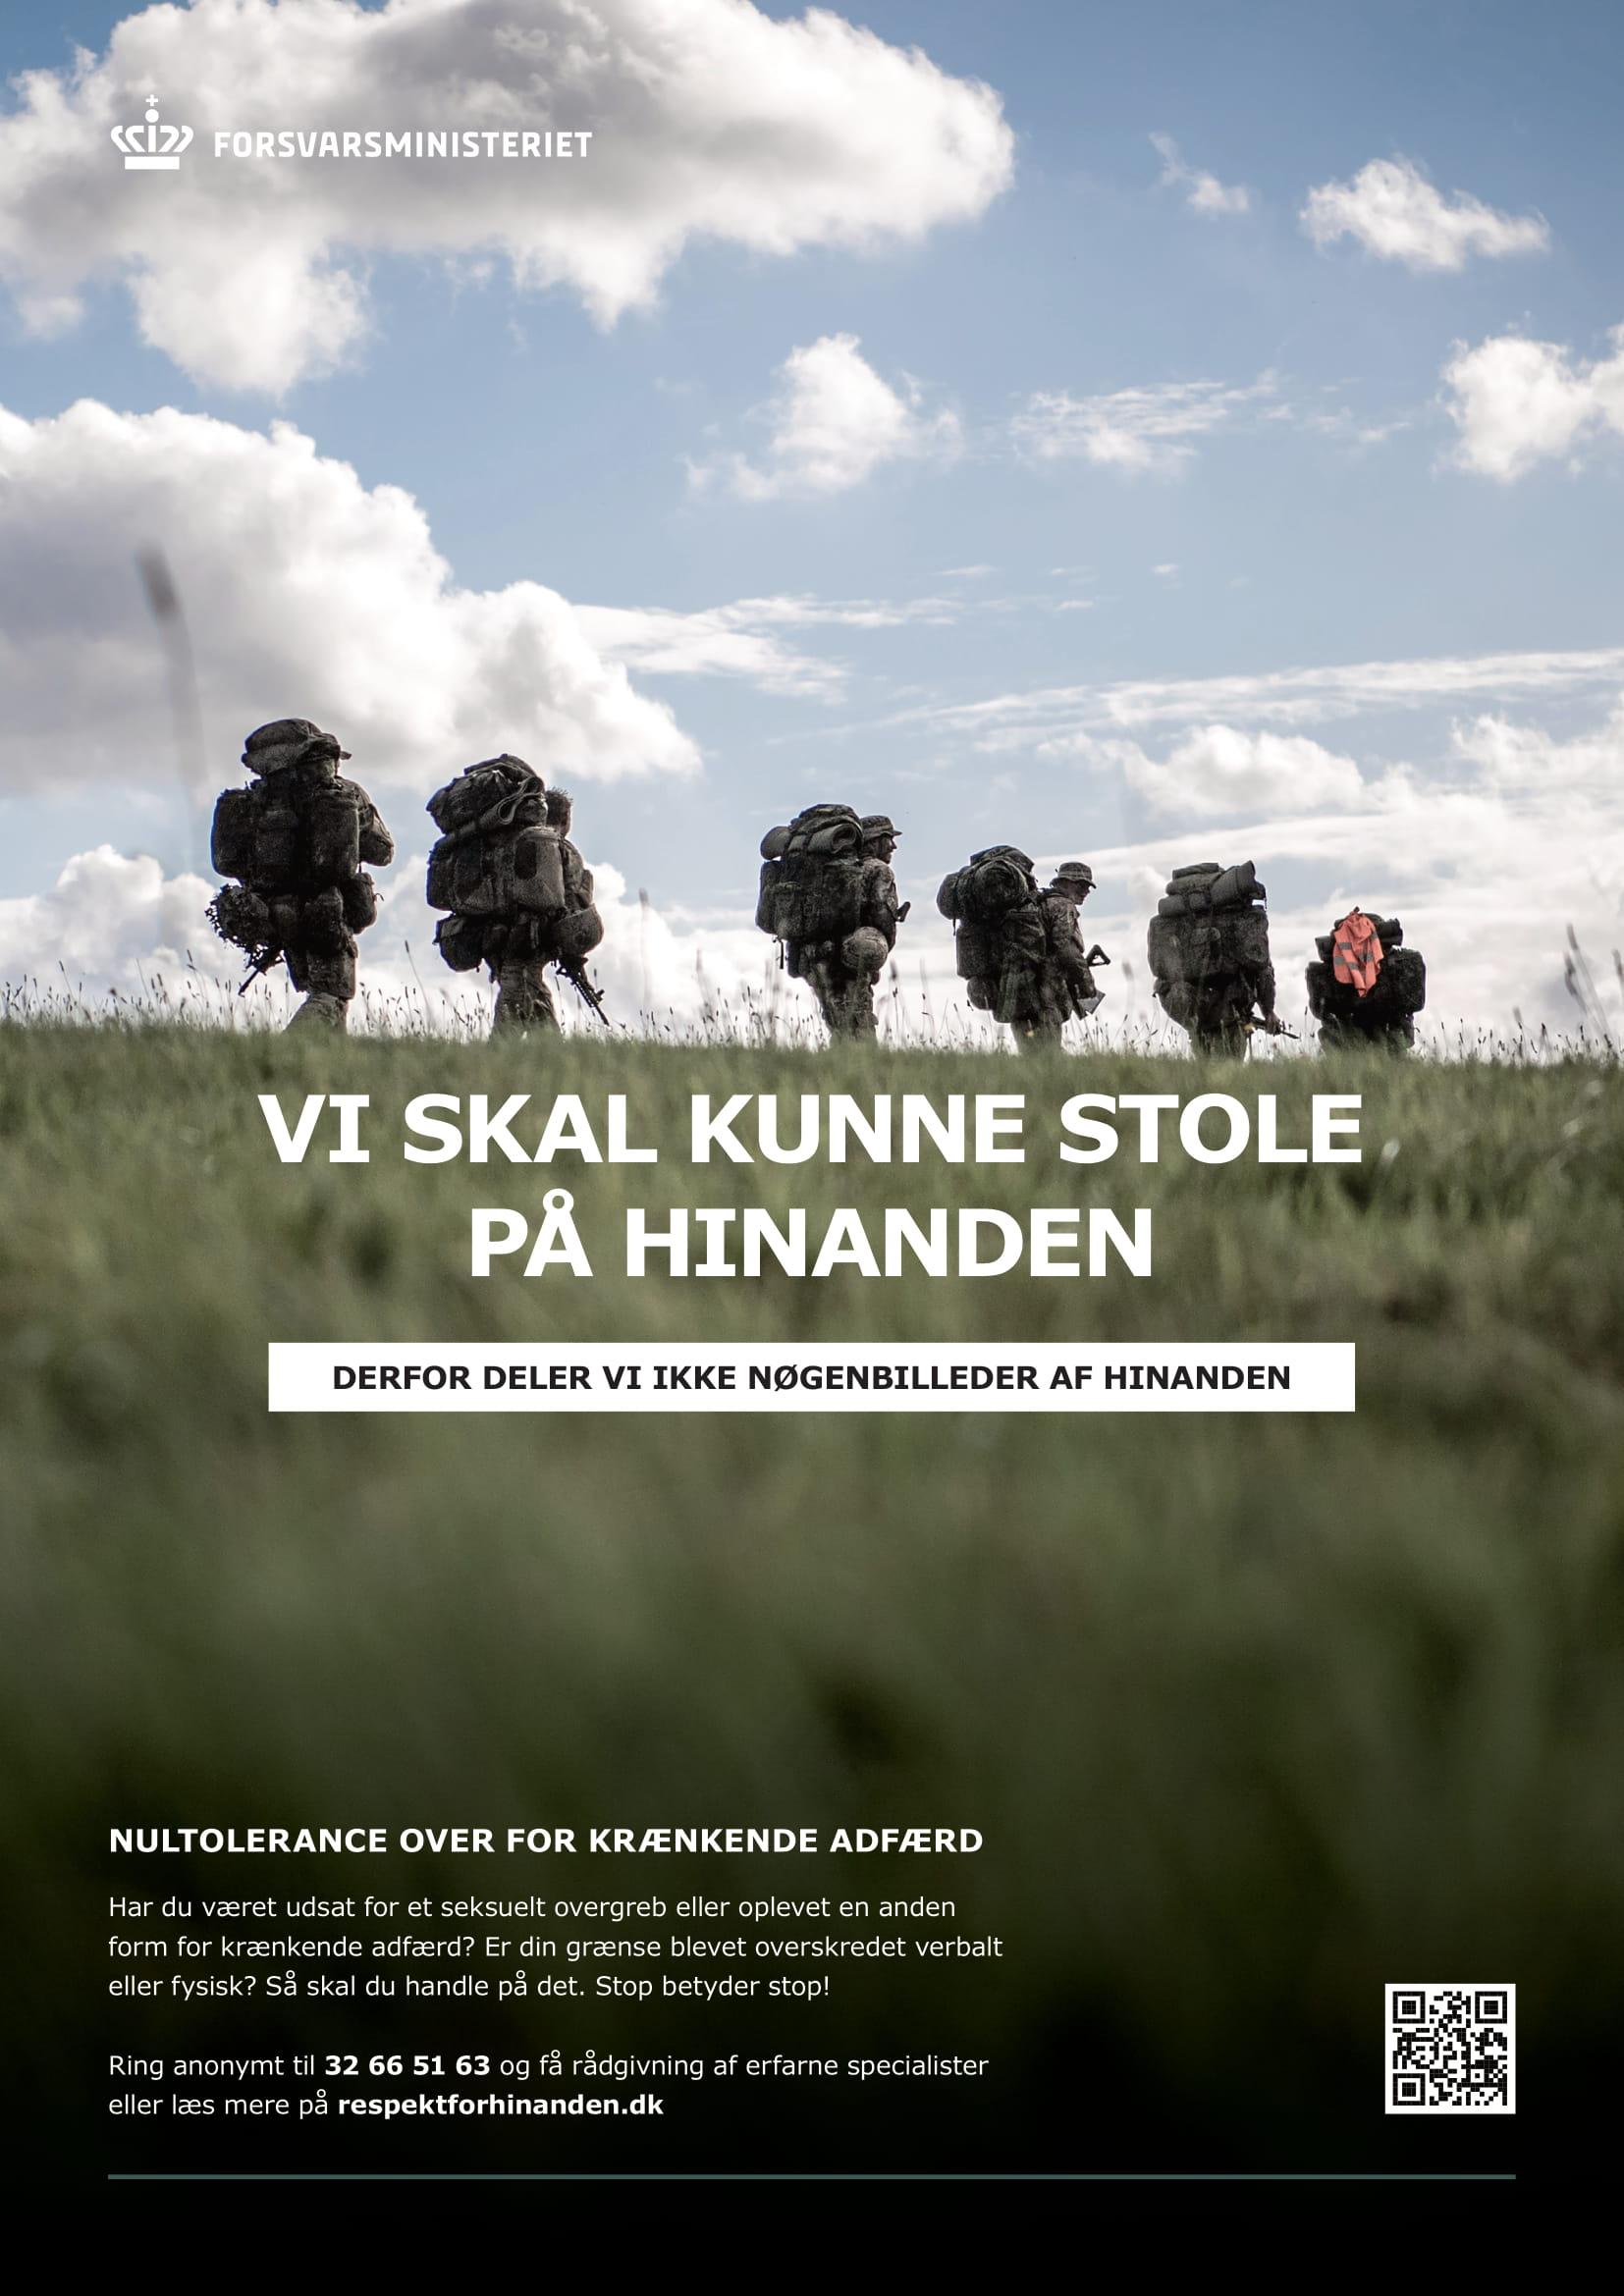 kampagne-forebyggelse-konskrankelse-plakat_a4-3